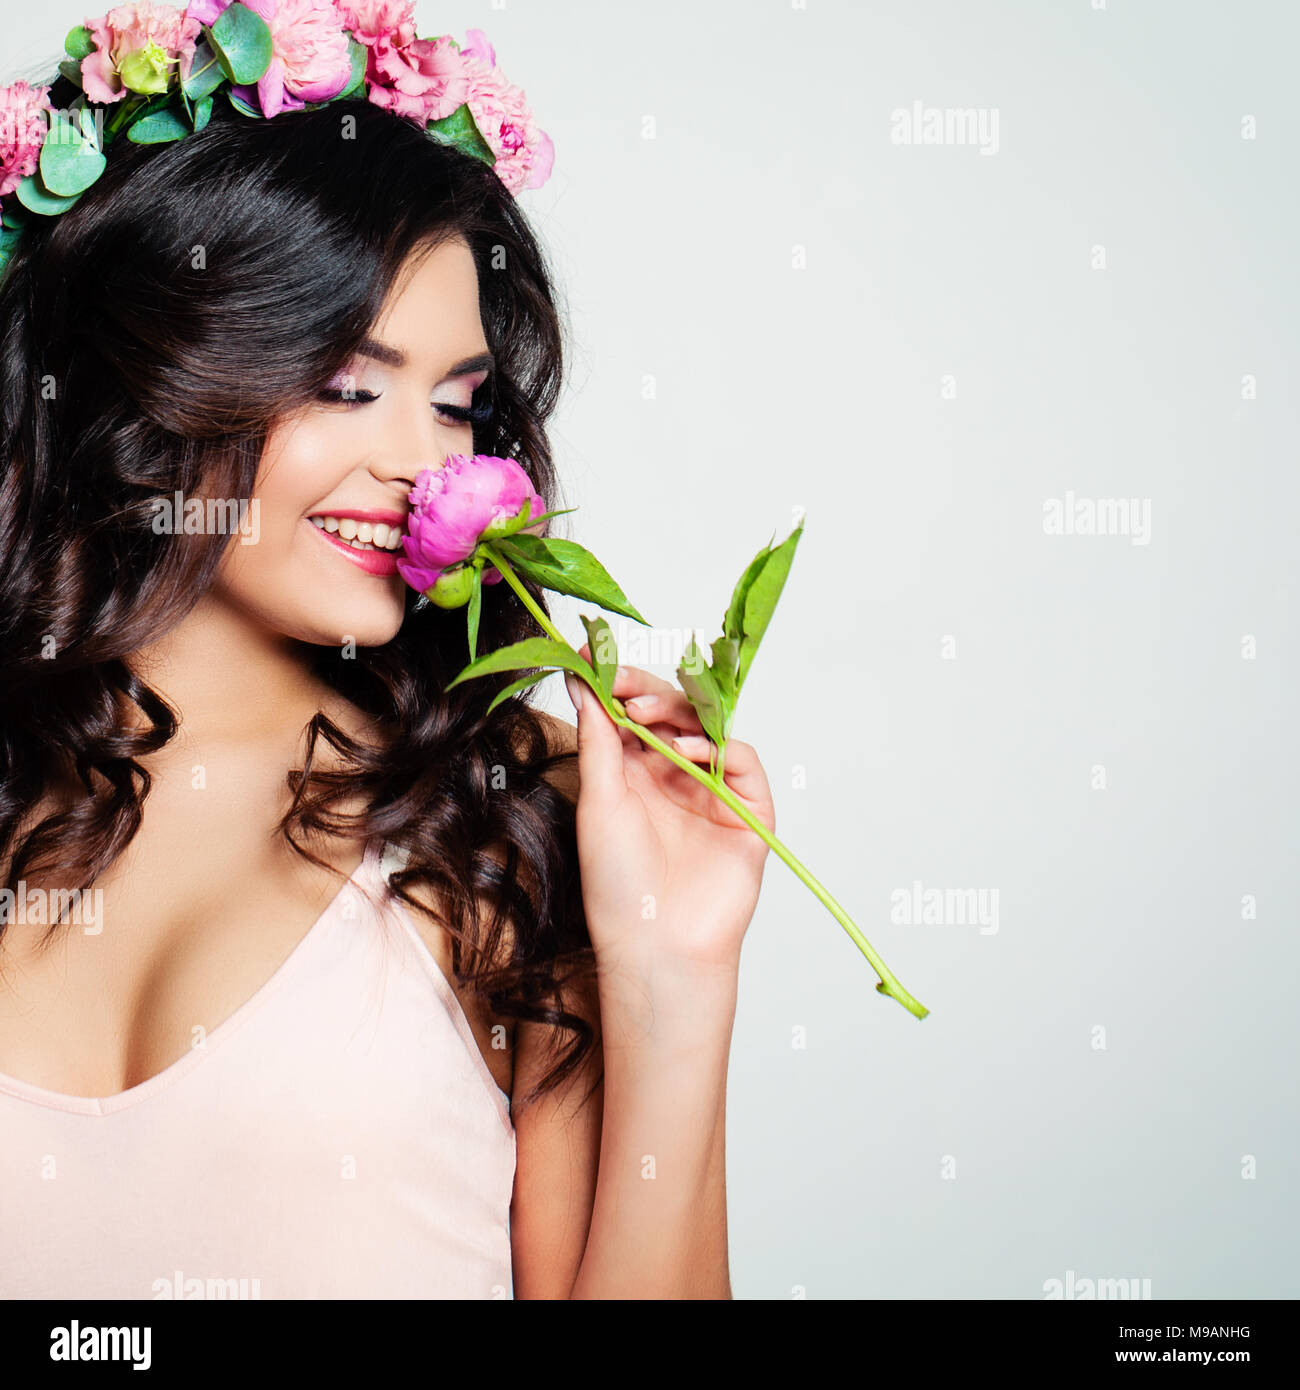 Bella Donna lo sniffing di un fiore. Bionda bellezza. Lunga permed capelli  ricci e il trucco di moda. Bellezza ragazza con fiori acconciatura. 78fd1724762d